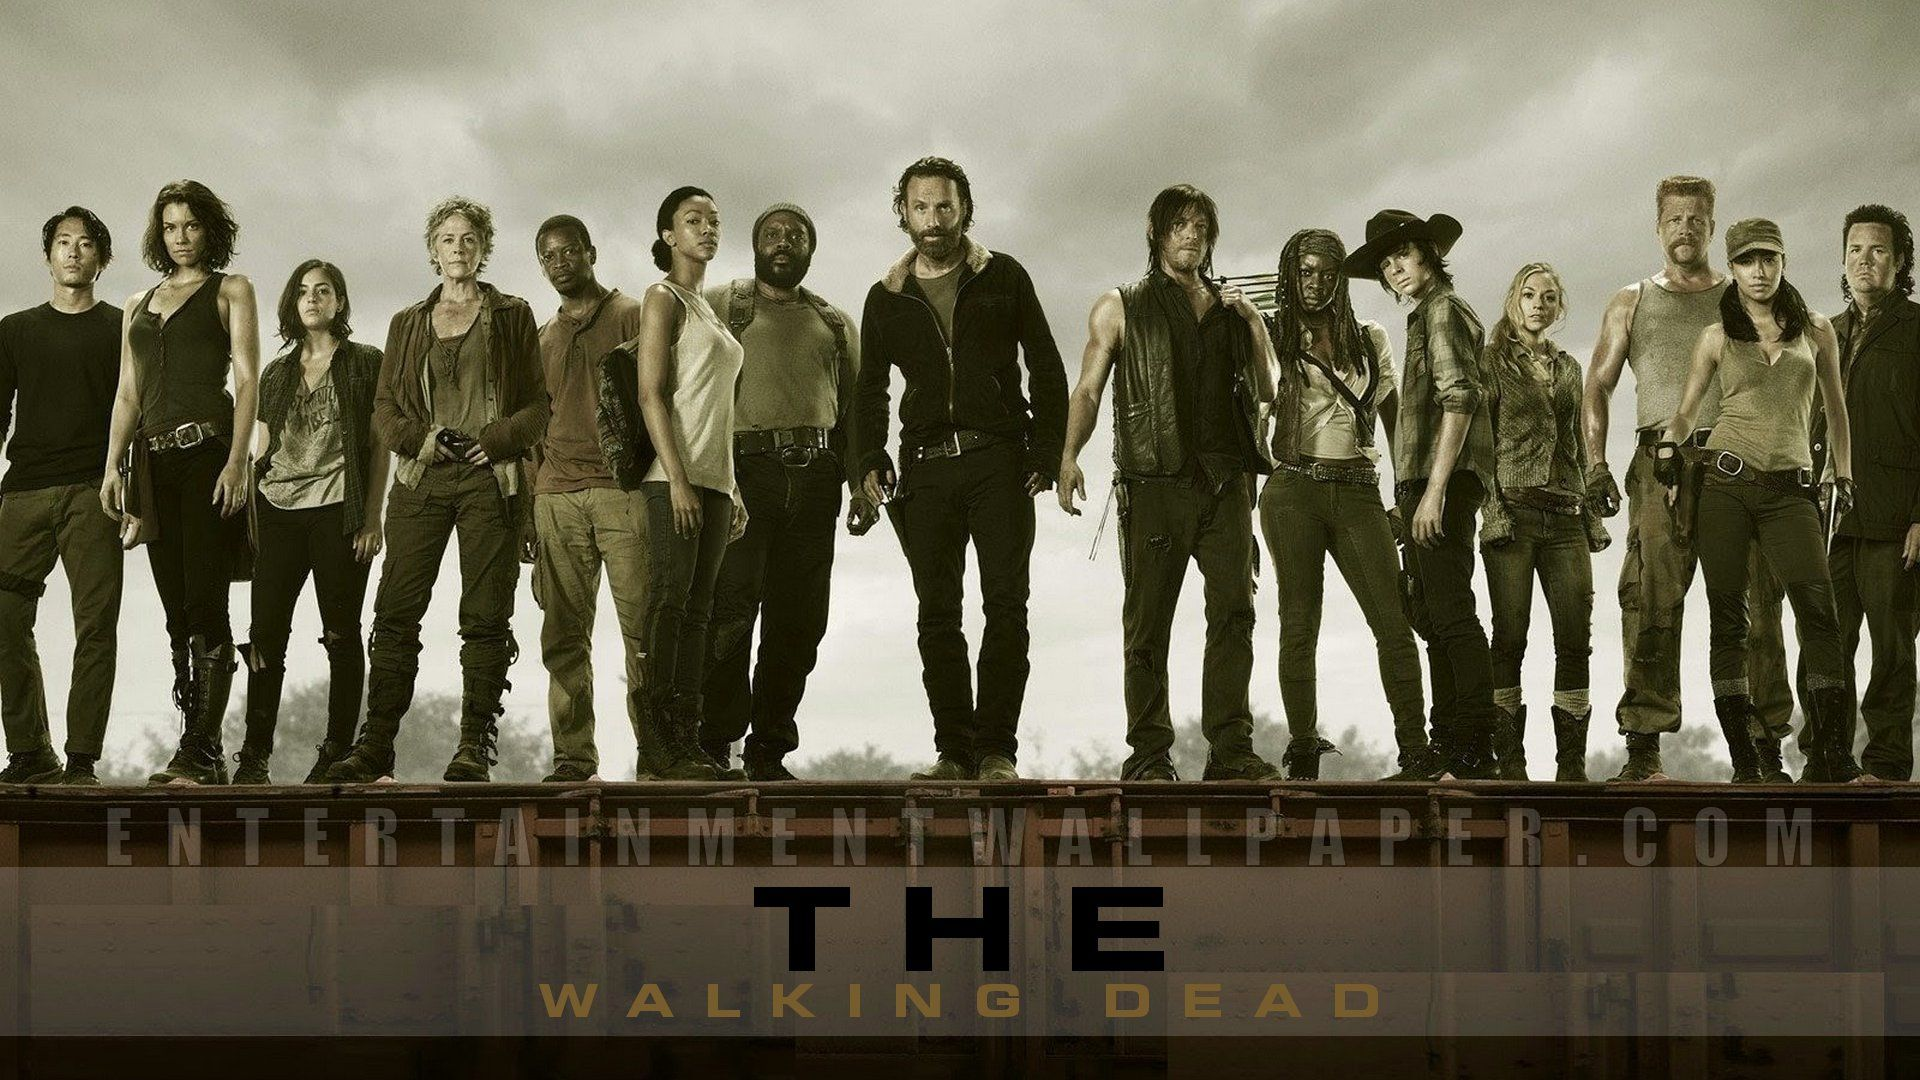 1 Cast From The Walking Dead Walking Dead Wallpaper The Walking